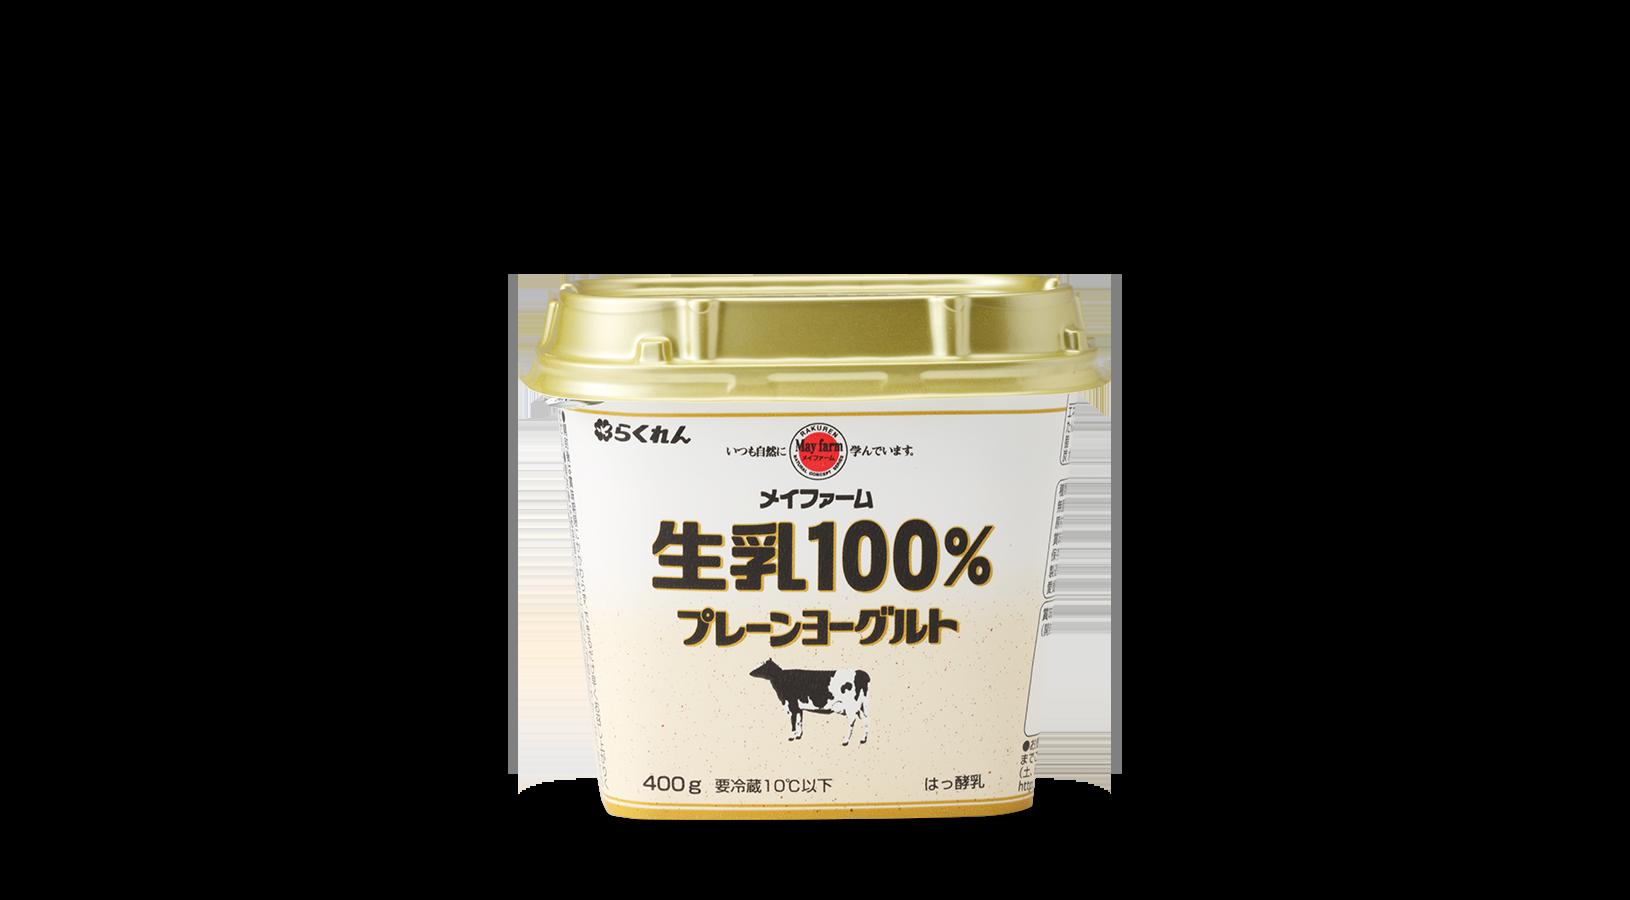 商品イメージ:メイファーム生乳100%プレーンヨーグルト